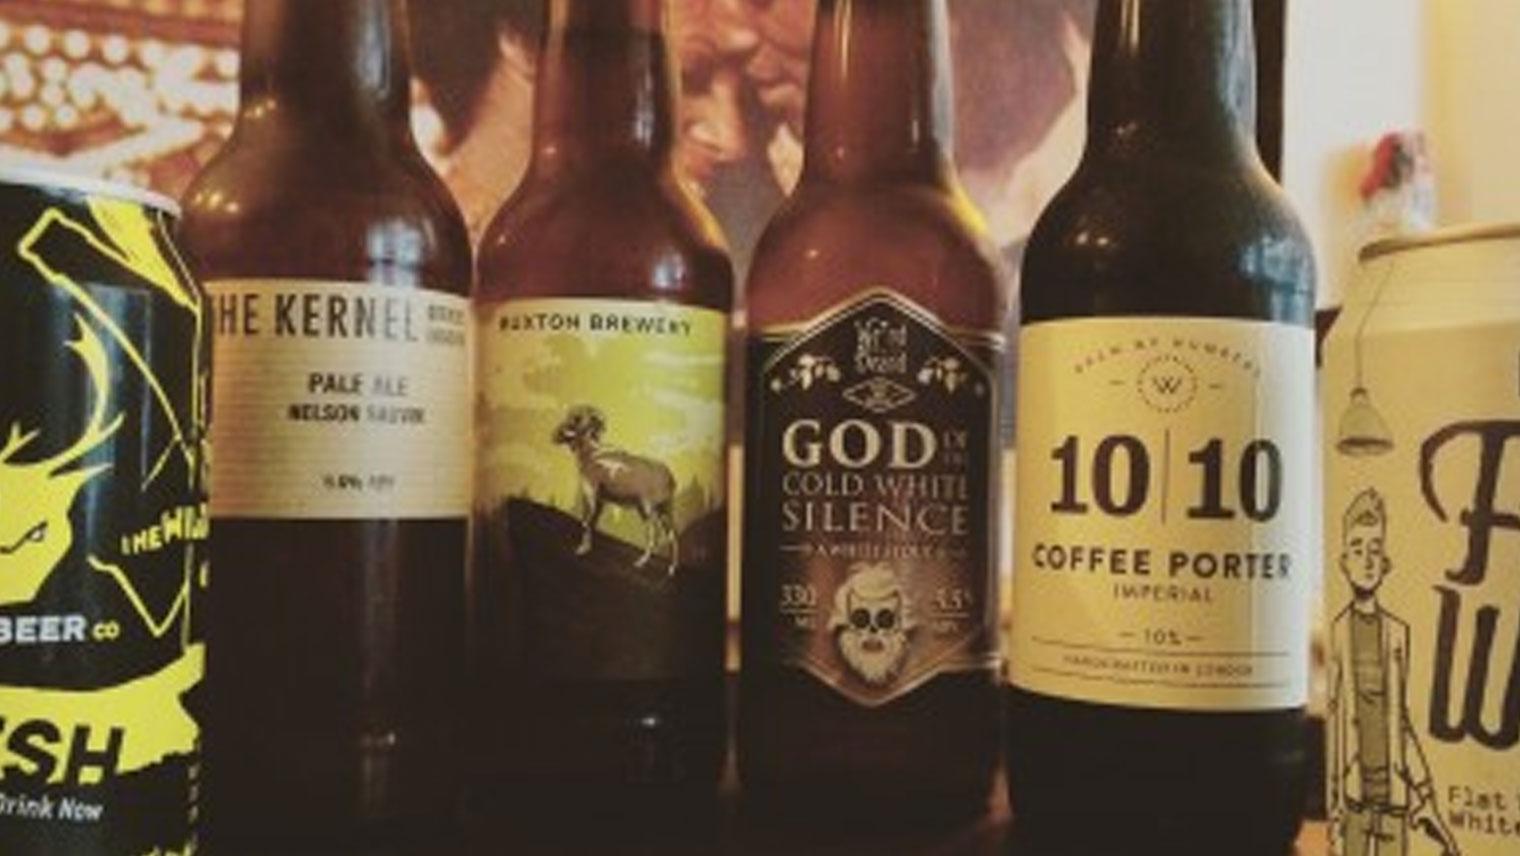 Fresh New Bottles & Cans in The Fridge